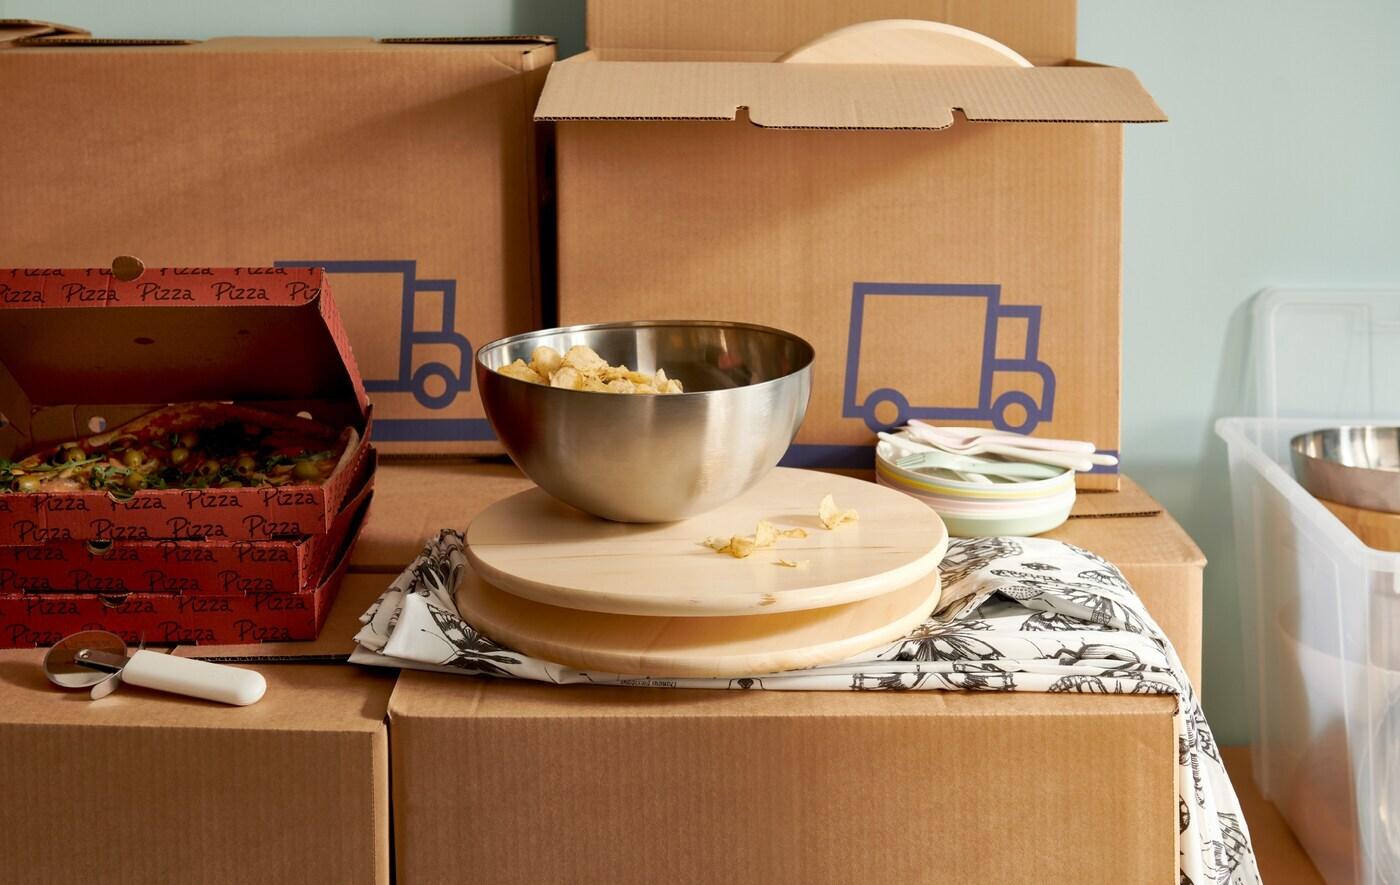 Pizza v krabicích a otočný tác s nerez mísou BLANDA BLANK, to vše postavené na krabicích JÄTTENE